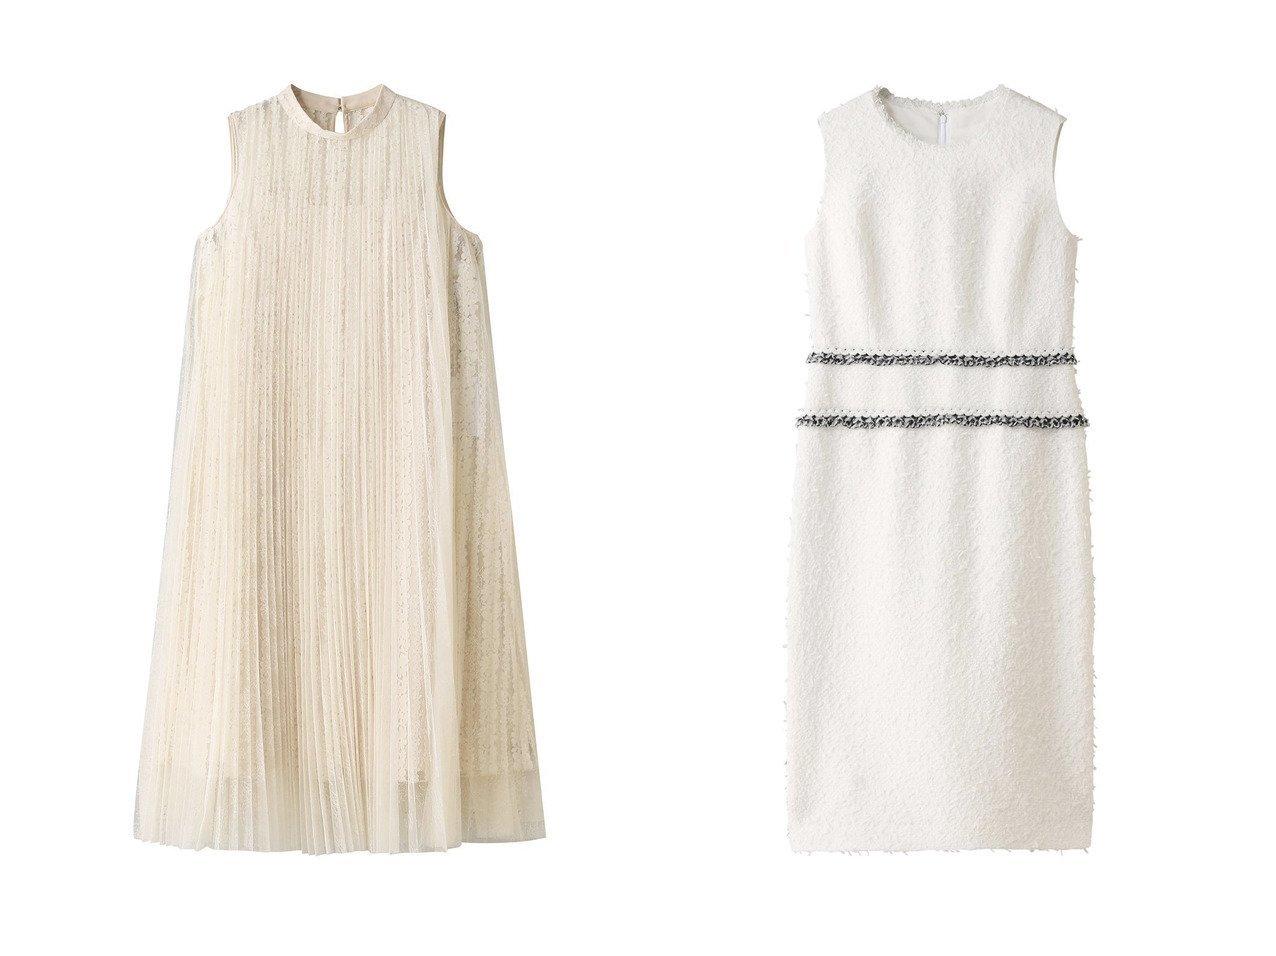 【ANAYI/アナイ】のファンシーツイードIラインワンピース&チュールレースプリーツワンピース ワンピース・ドレスのおすすめ!人気、トレンド・レディースファッションの通販 おすすめで人気の流行・トレンド、ファッションの通販商品 メンズファッション・キッズファッション・インテリア・家具・レディースファッション・服の通販 founy(ファニー) https://founy.com/ ファッション Fashion レディースファッション WOMEN ワンピース Dress エアリー スリット パーティ フェミニン フレア 再入荷 Restock/Back in Stock/Re Arrival |ID:crp329100000013072